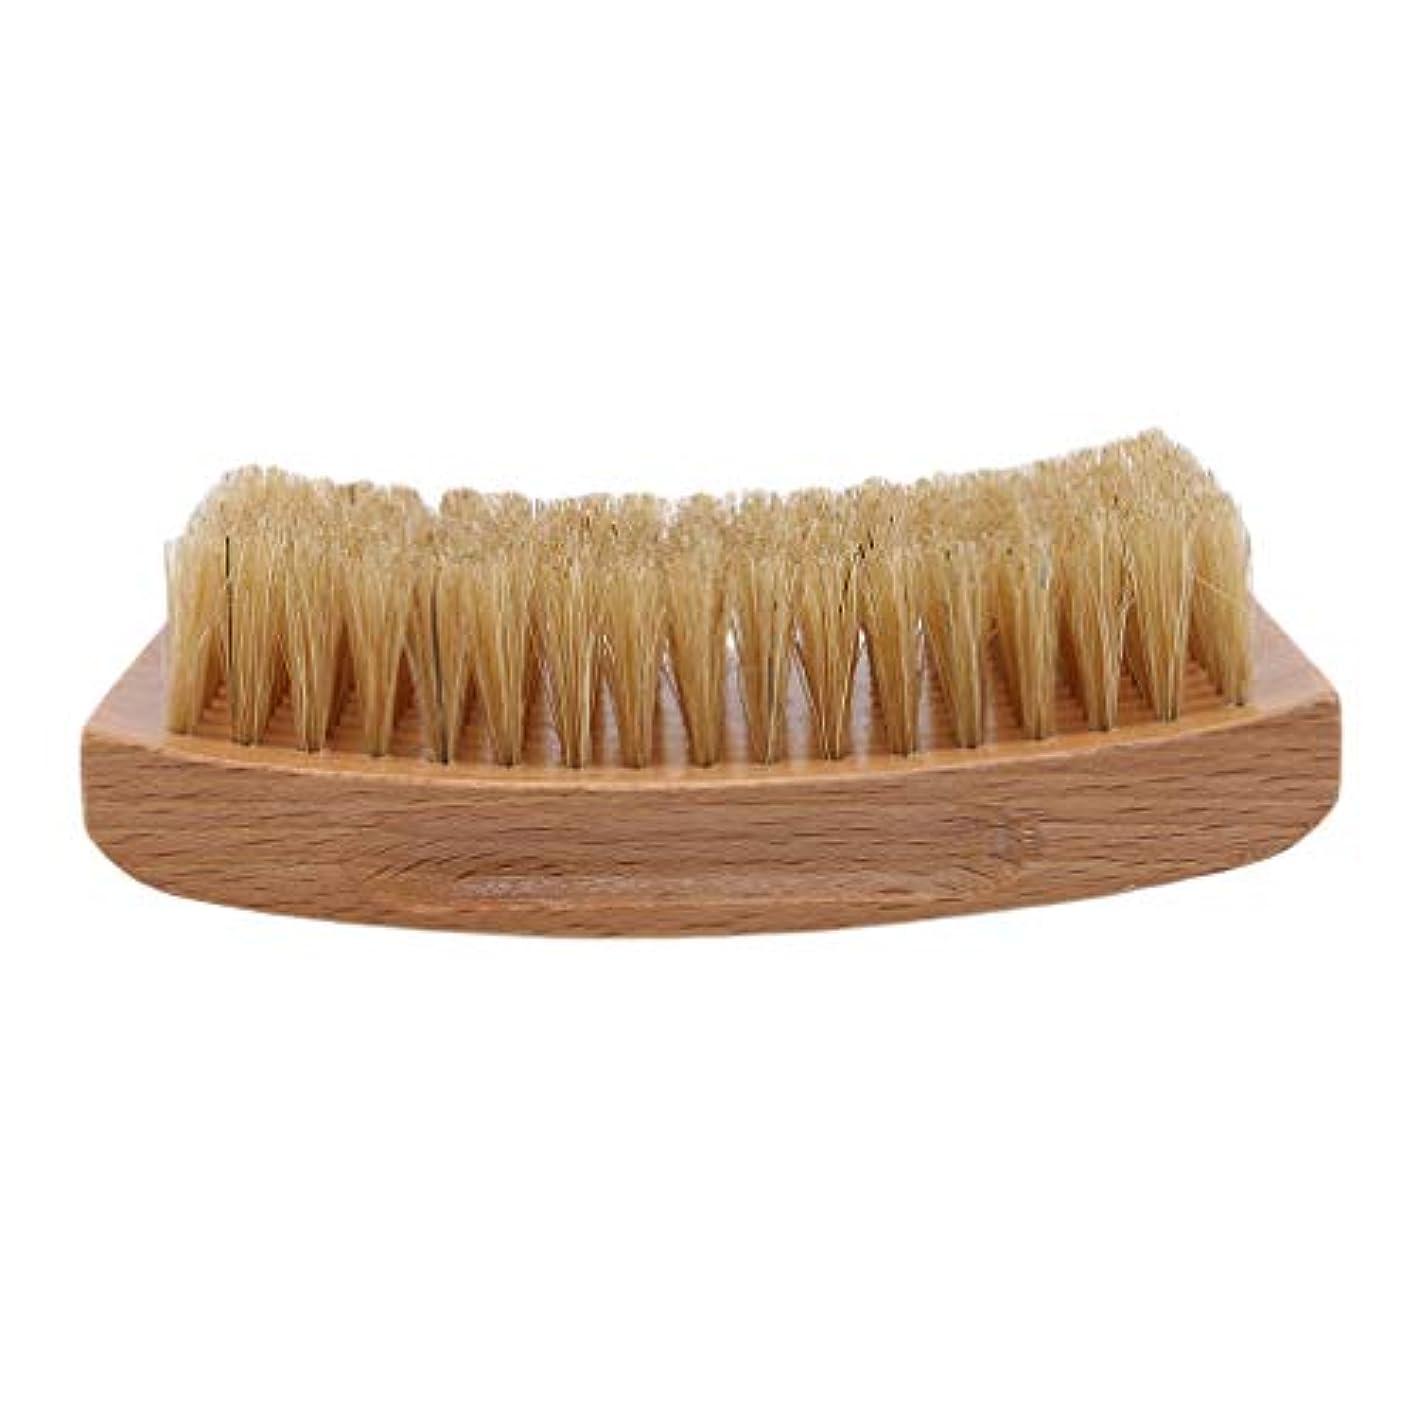 部分革新永遠のLargesoy ひげブラシ シェービングブラシ 理容 洗顔 髭剃り 泡立ち ひげ剃り 美容ツール シェービング用アクセサリー 1#